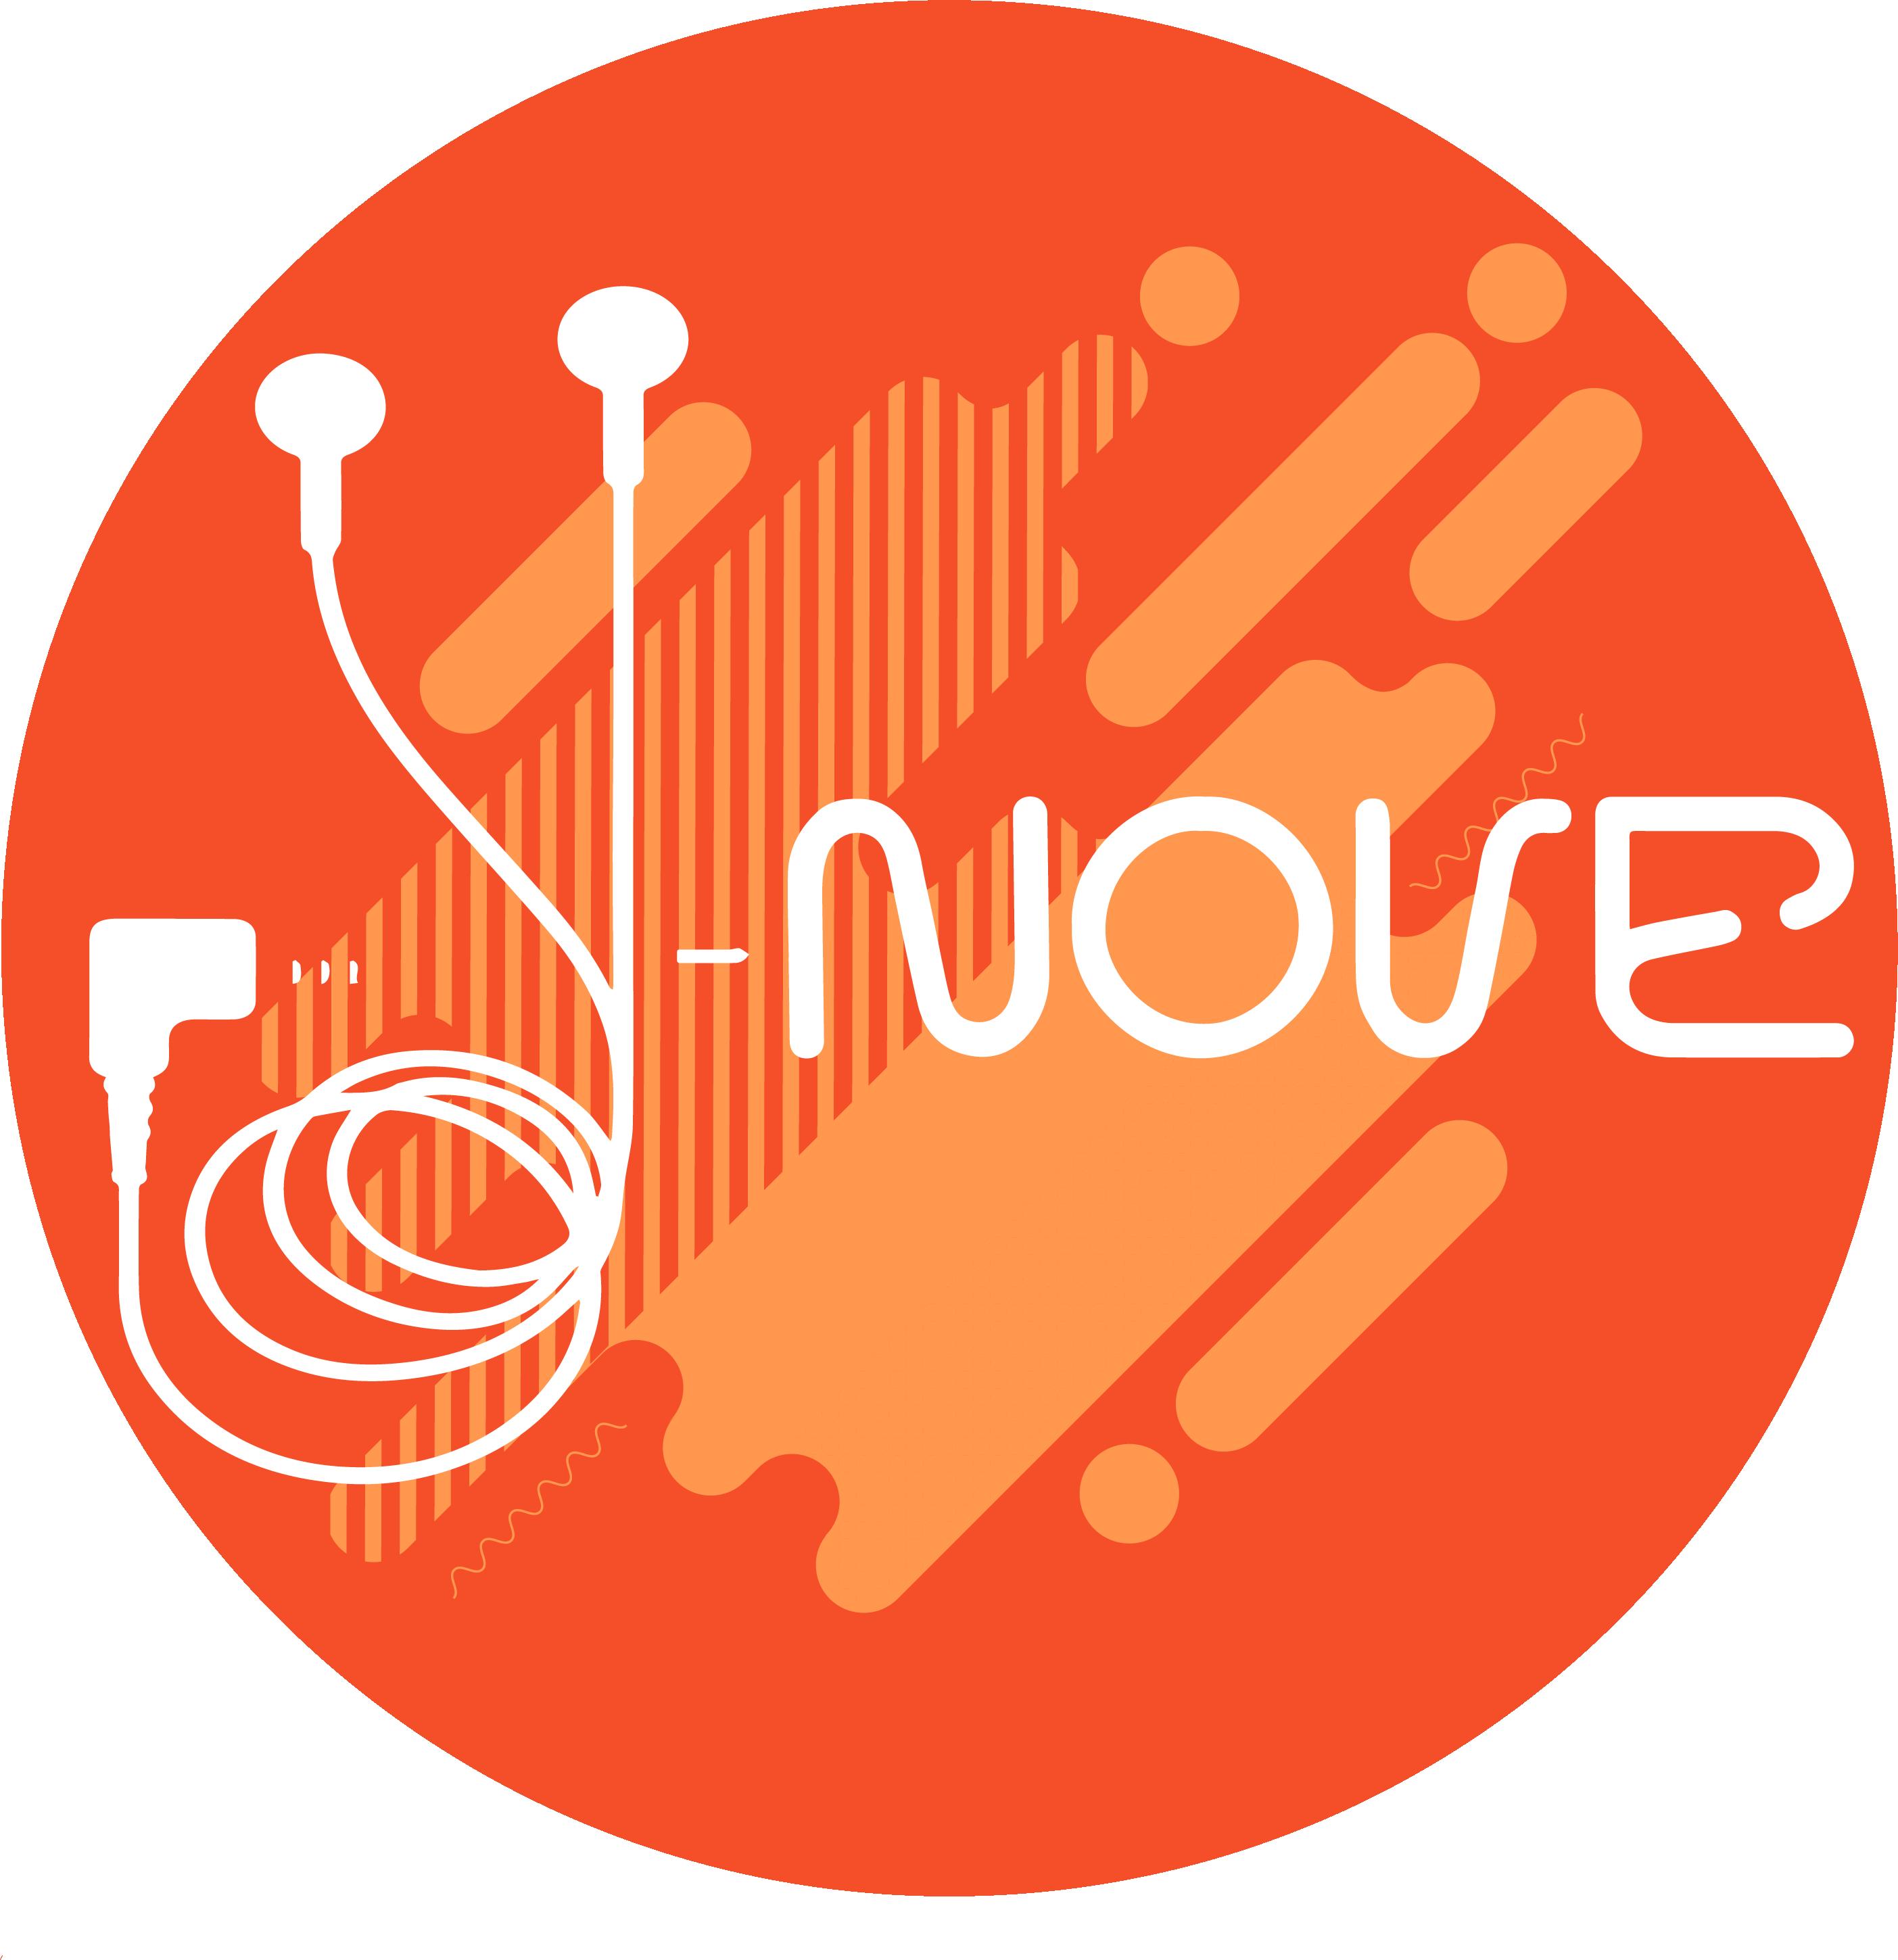 Programme Y-Nove, pour des projets innovants en faveur de la jeunesse sur le territoire de la Métropole grenobloise